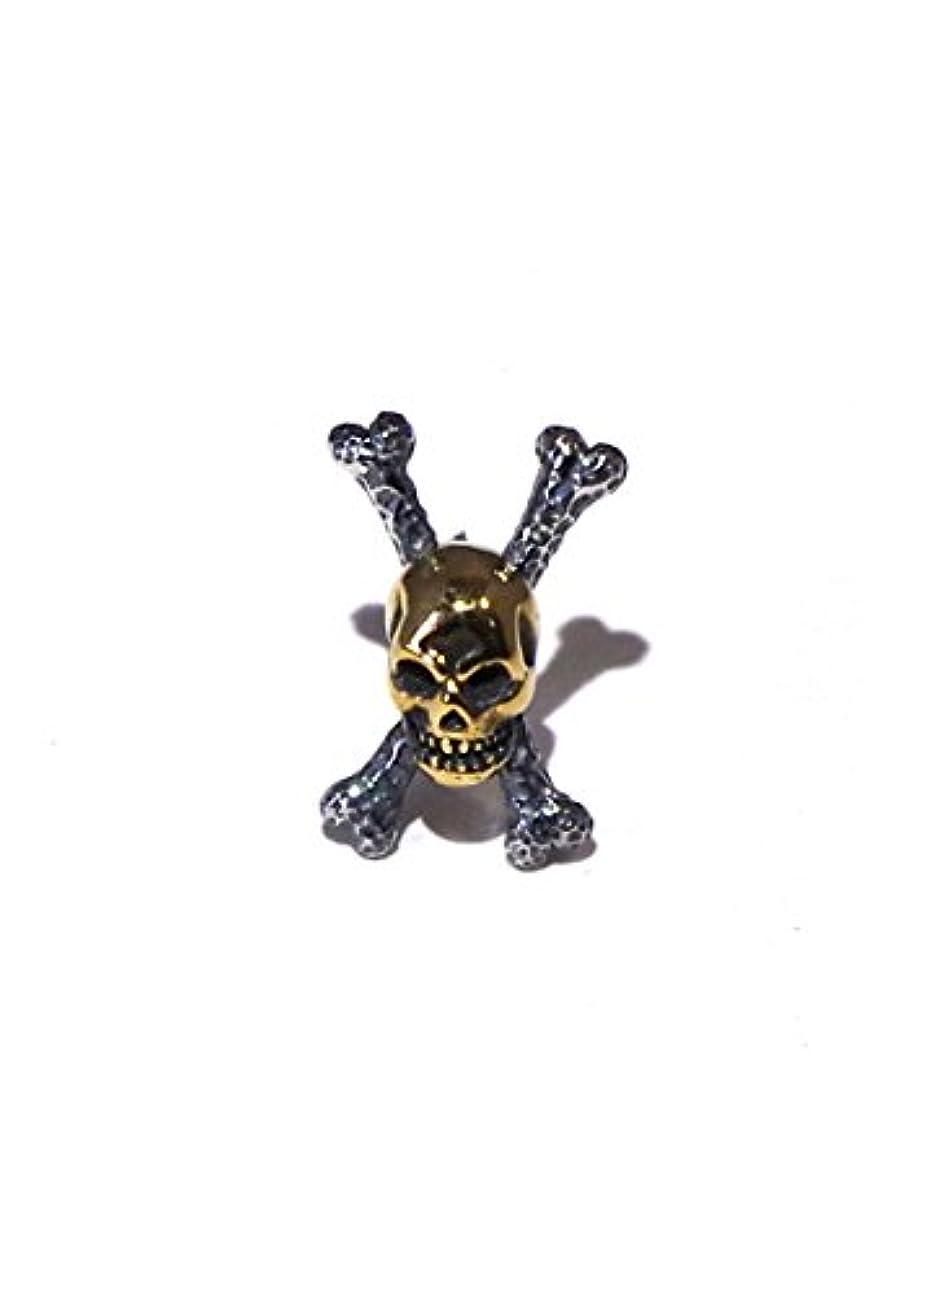 つぼみ貝殻咽頭クロスボーン スカル スタッド ピアス パイレーツ モデル ドクロ 海賊 旗 シルバー アクセサリー (ブラス)